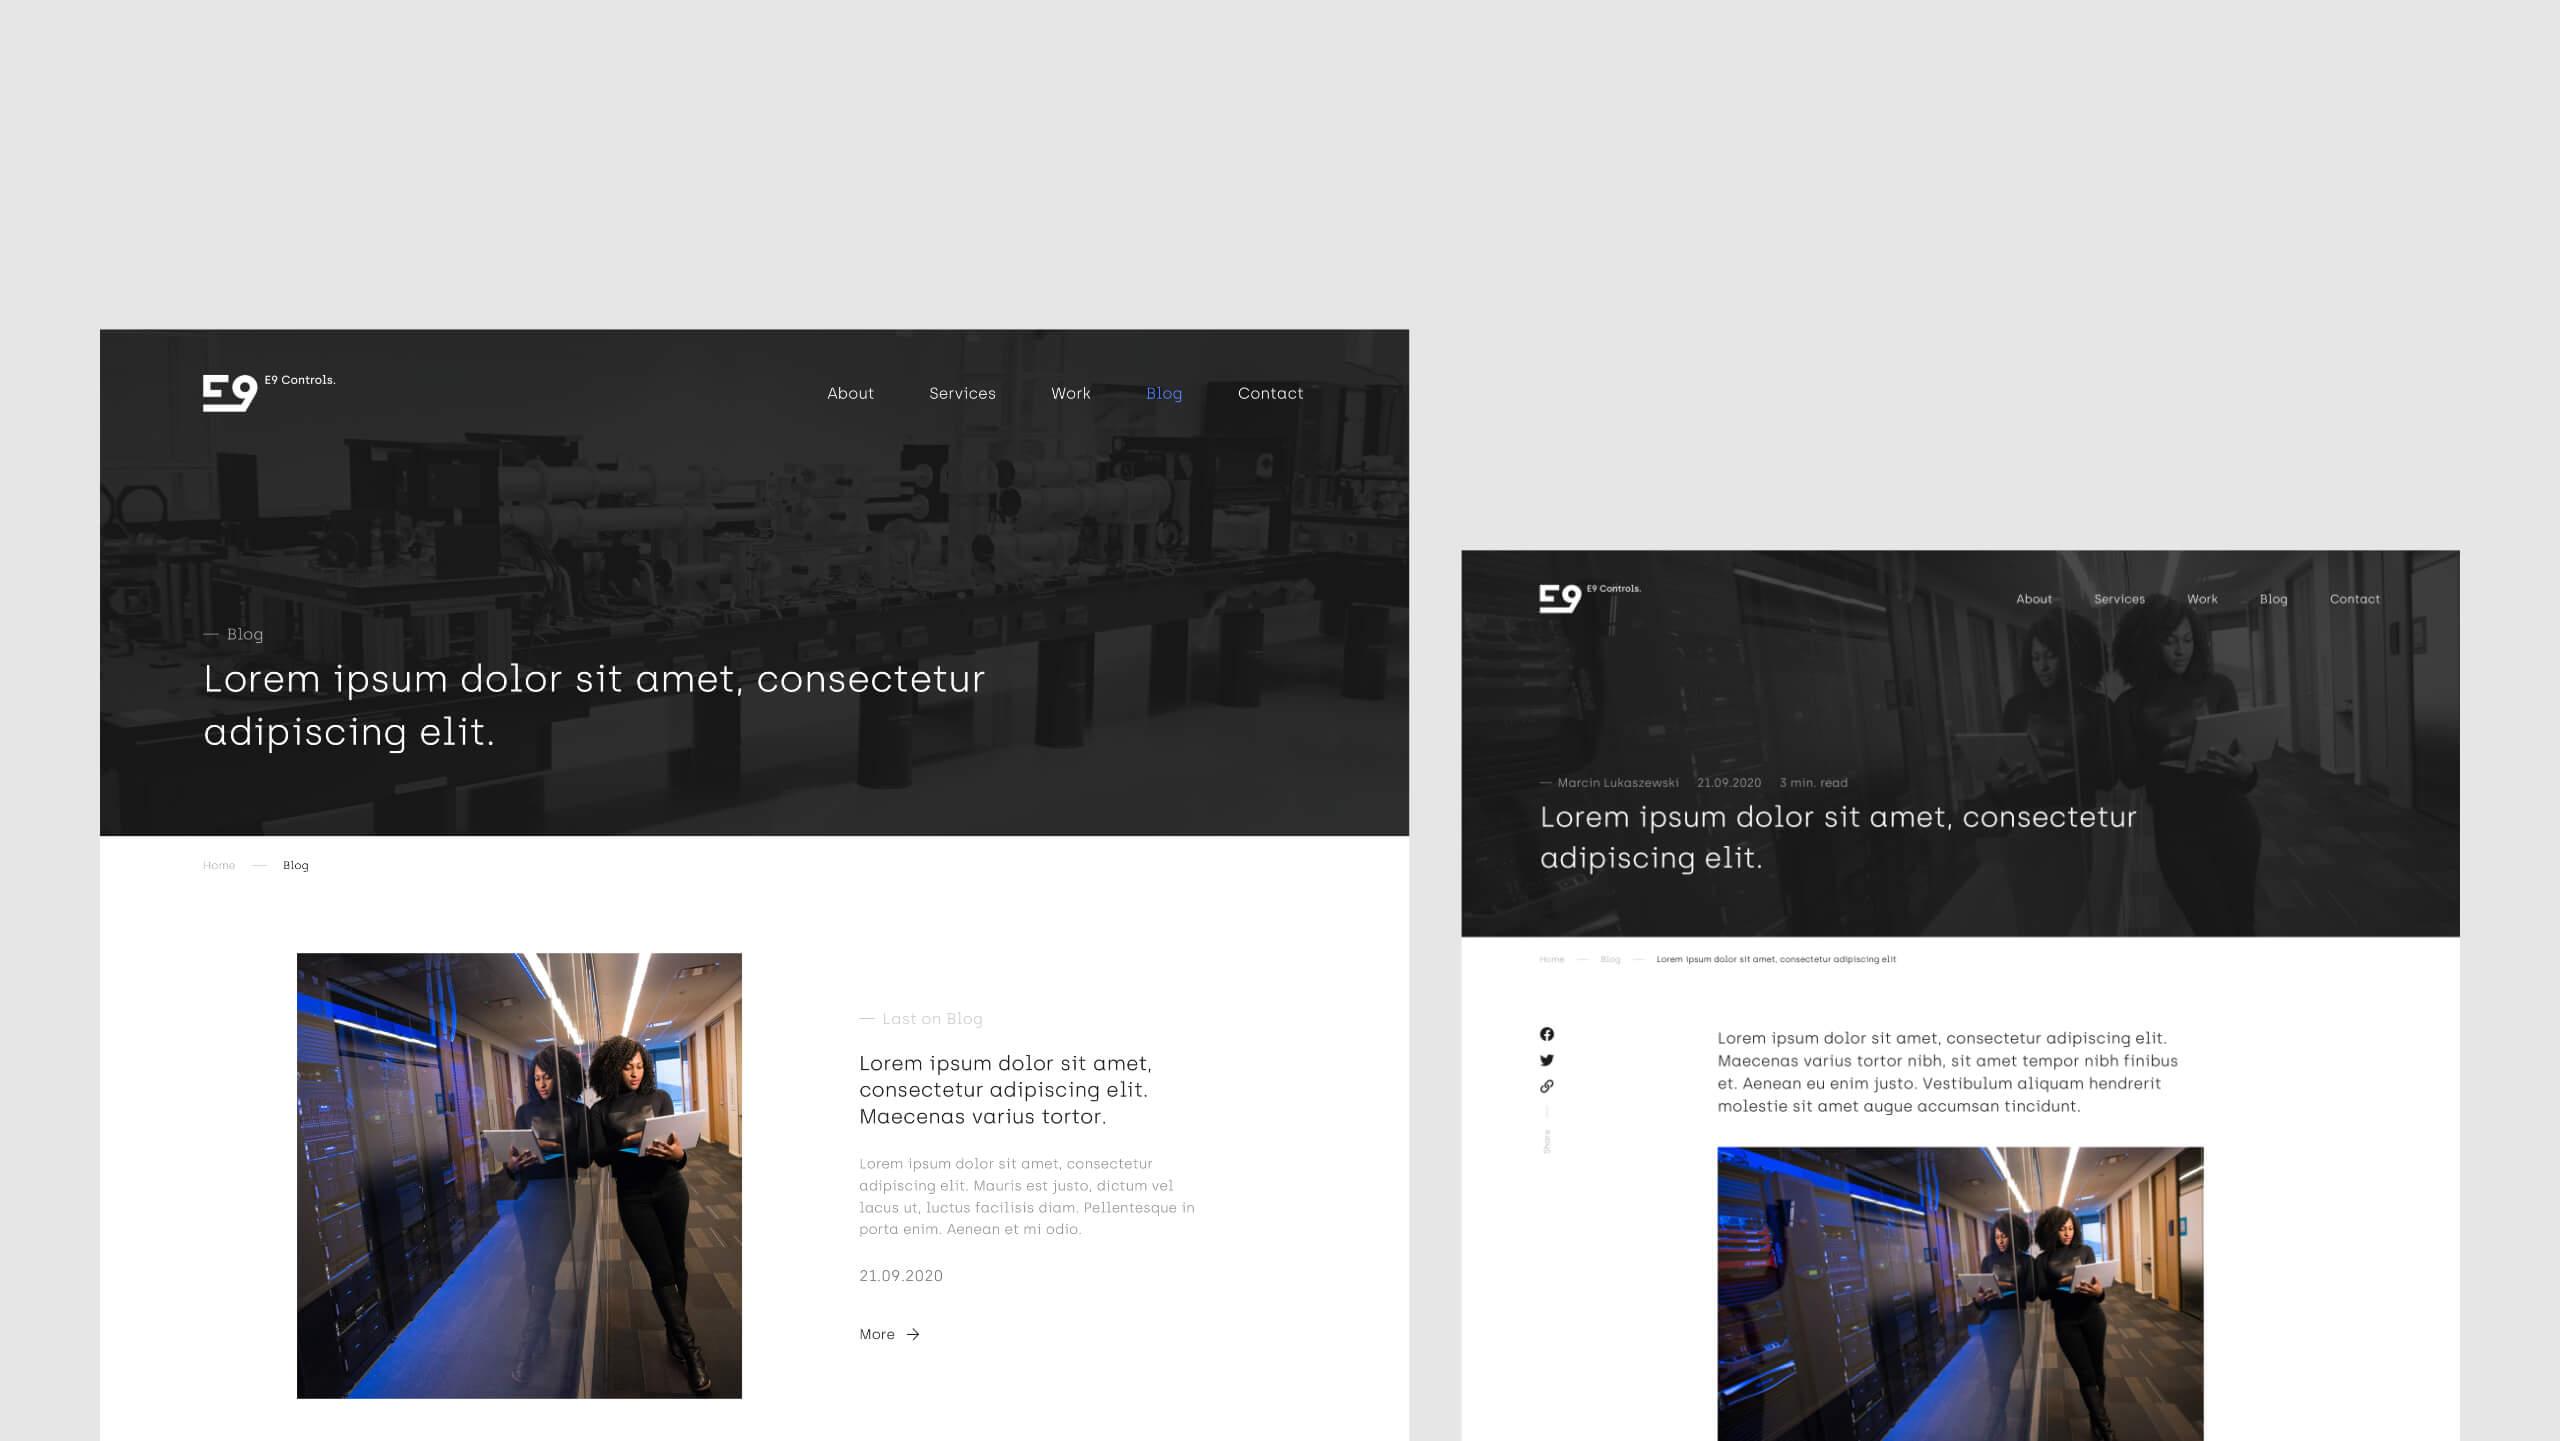 E9 Controls - Blog firmowy na stronie www